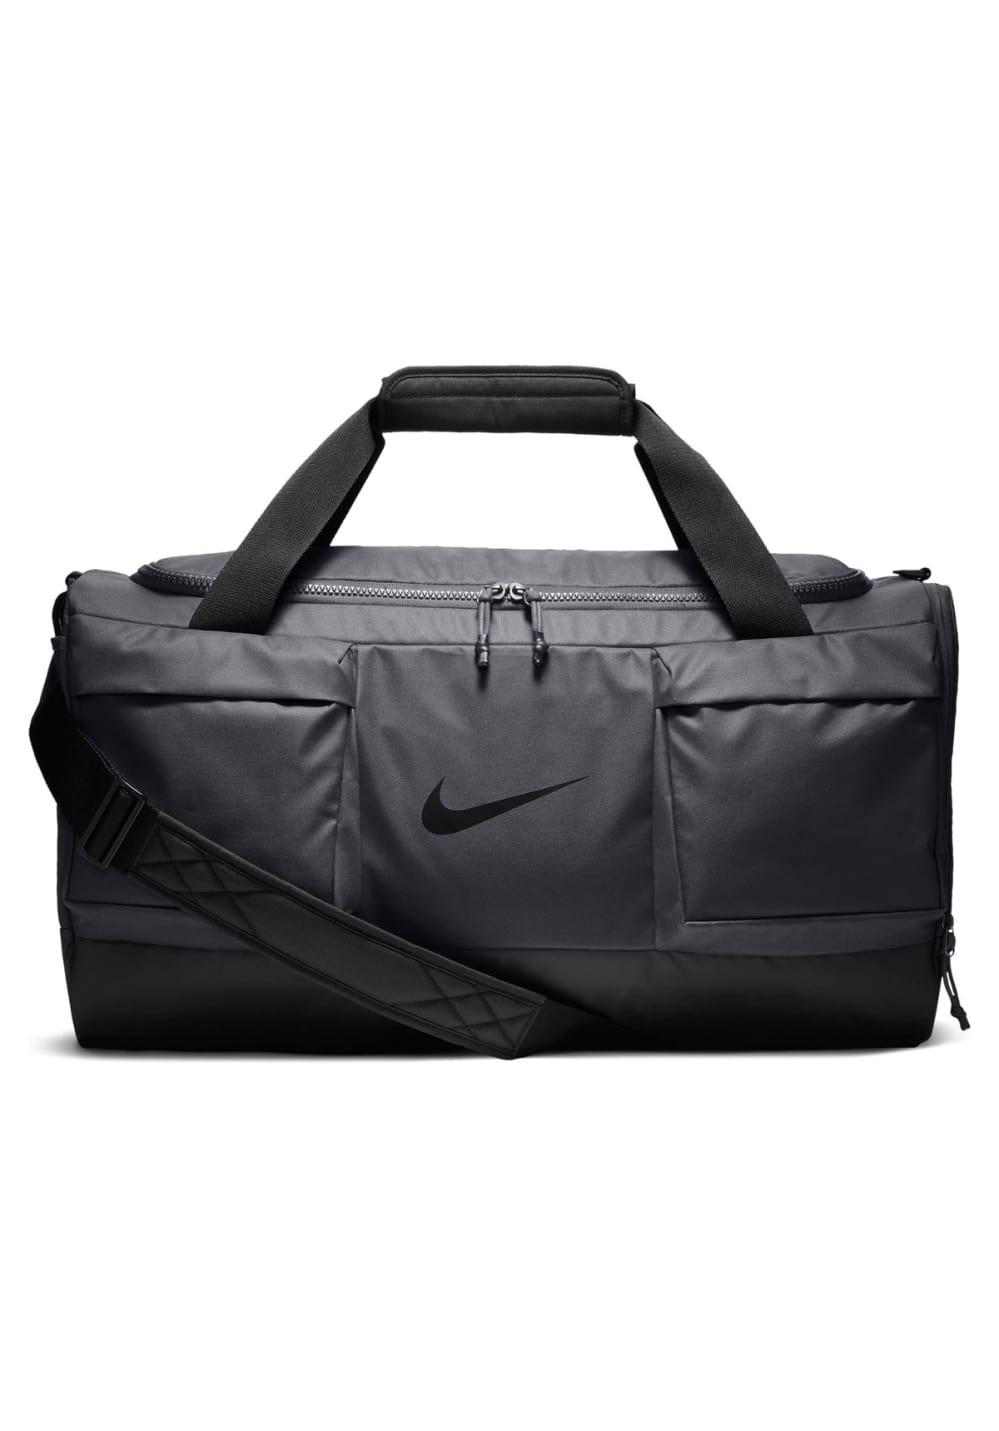 Nike Vapor Power 2.0 Trainingsrucksack - Sporttaschen für Herren - Grau